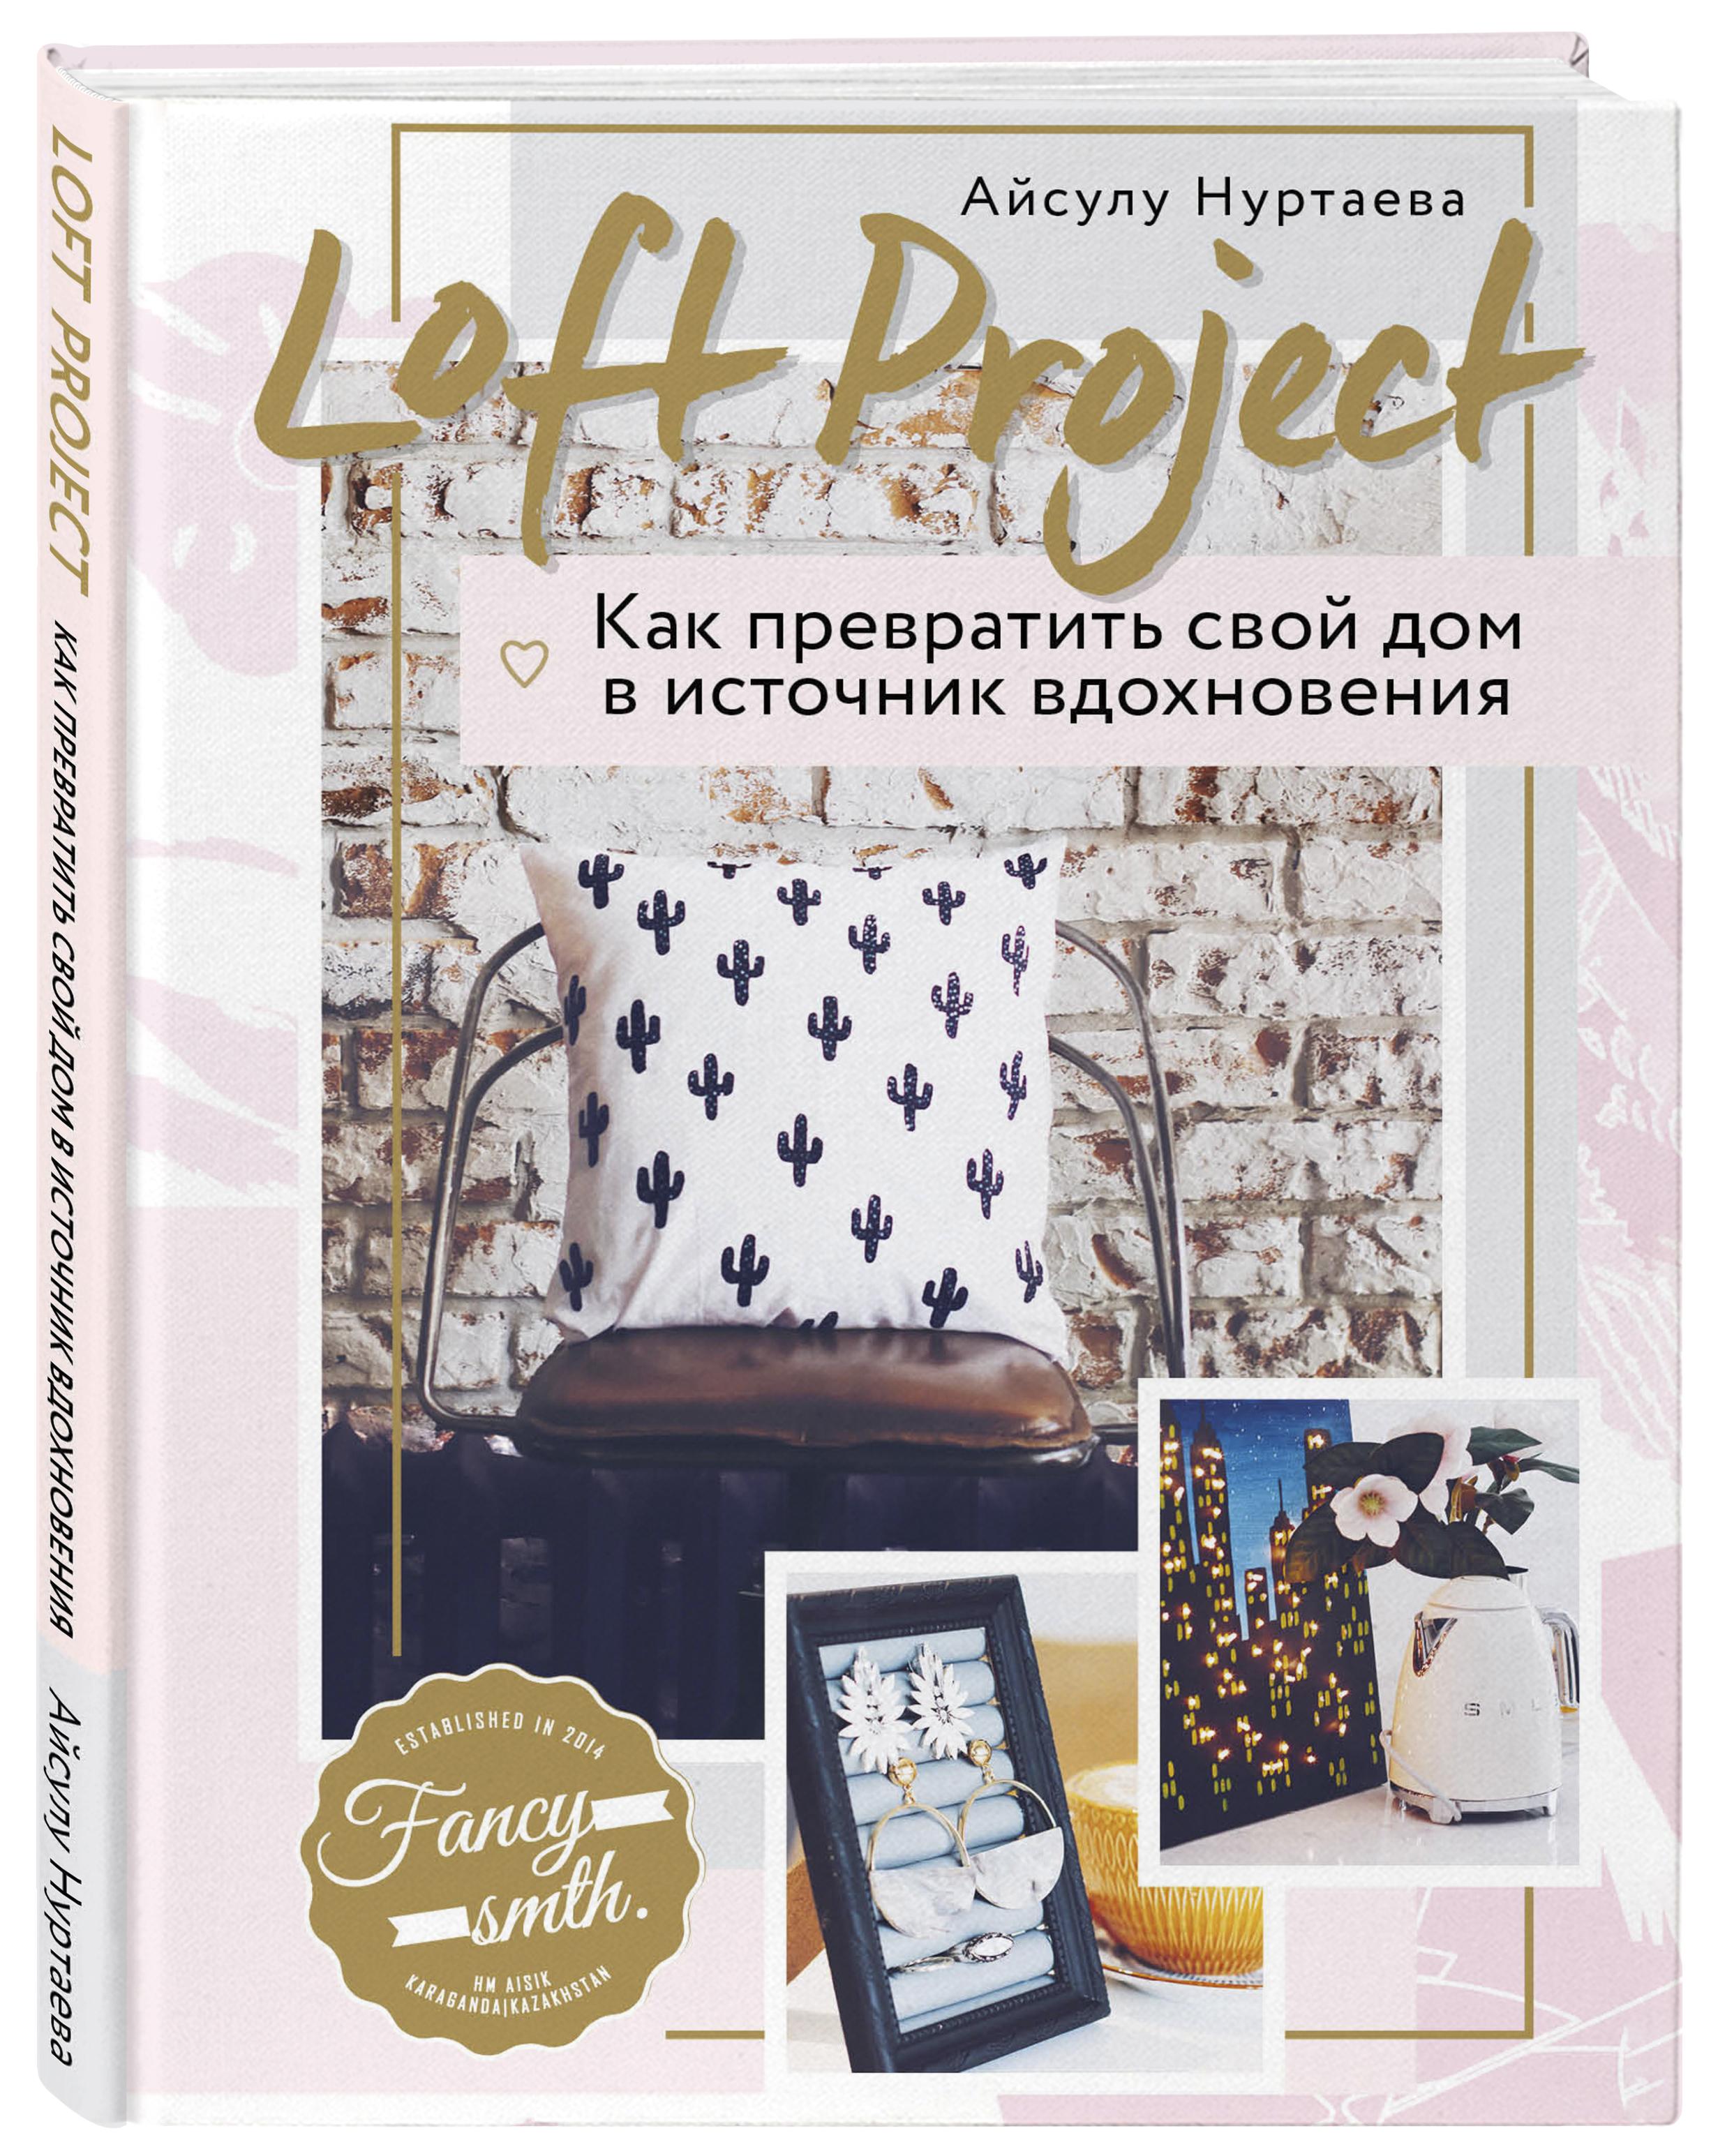 Айсулу Нуртаева Loft Project. Как превратить свой дом в источник вдохновения румбокс diy house dg12 loft